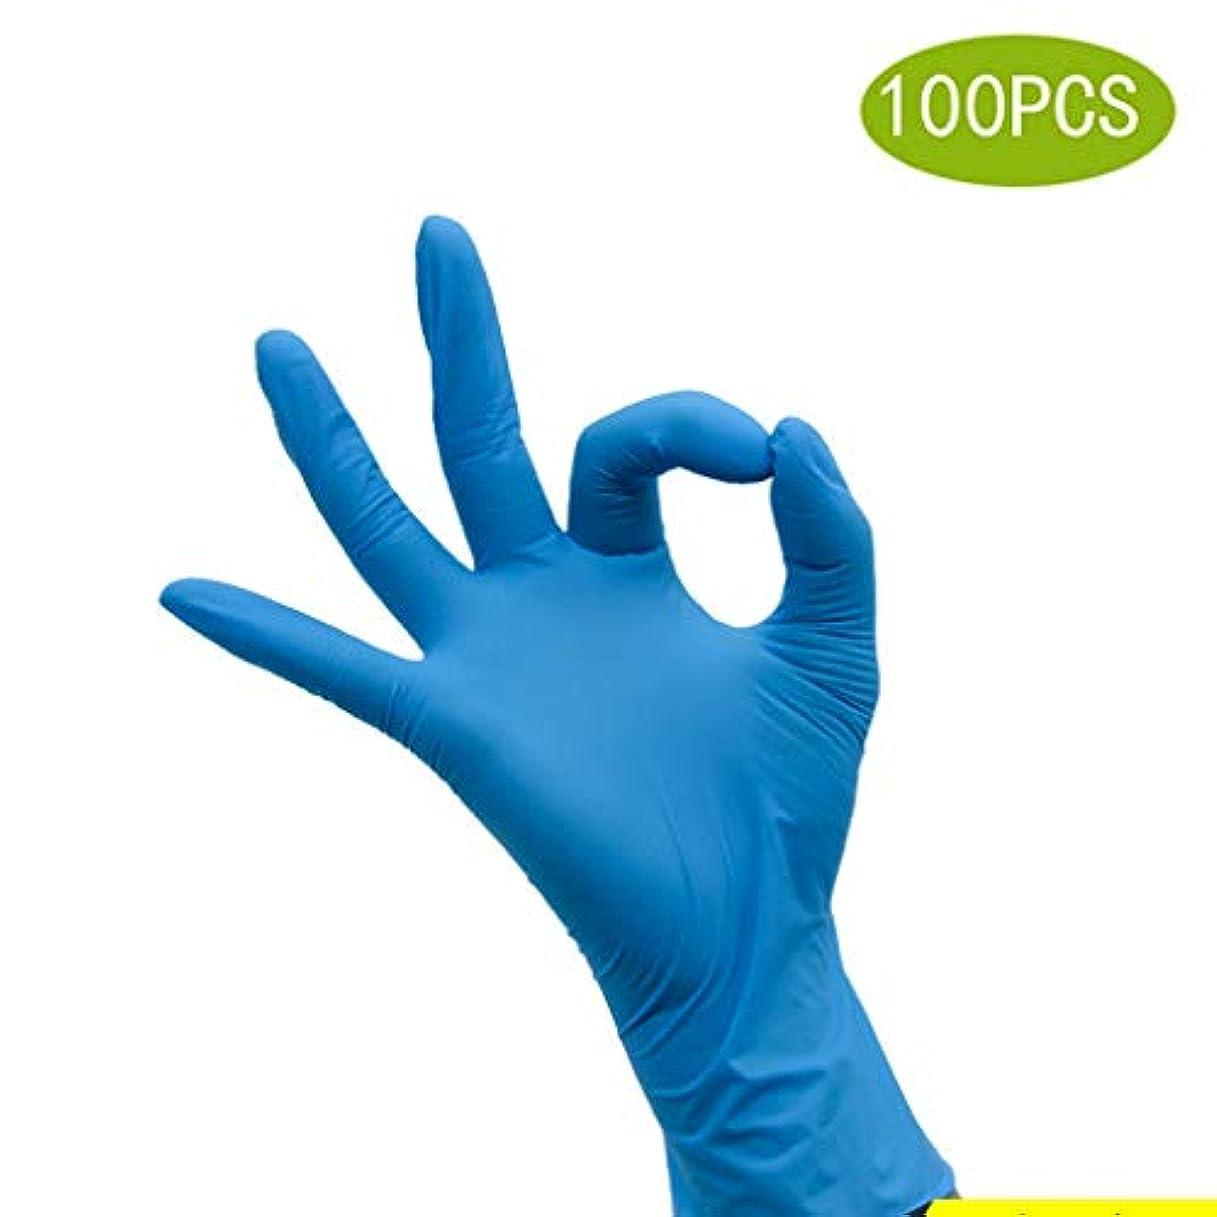 愛情深いプレゼン映画使い捨て手袋食品ケータリング手術丁清ゴムラテックススキンキッチン厚い試験ケータリング美容実験、使い捨て手袋ディスペンサー[100個] (Color : Blue, Size : L)